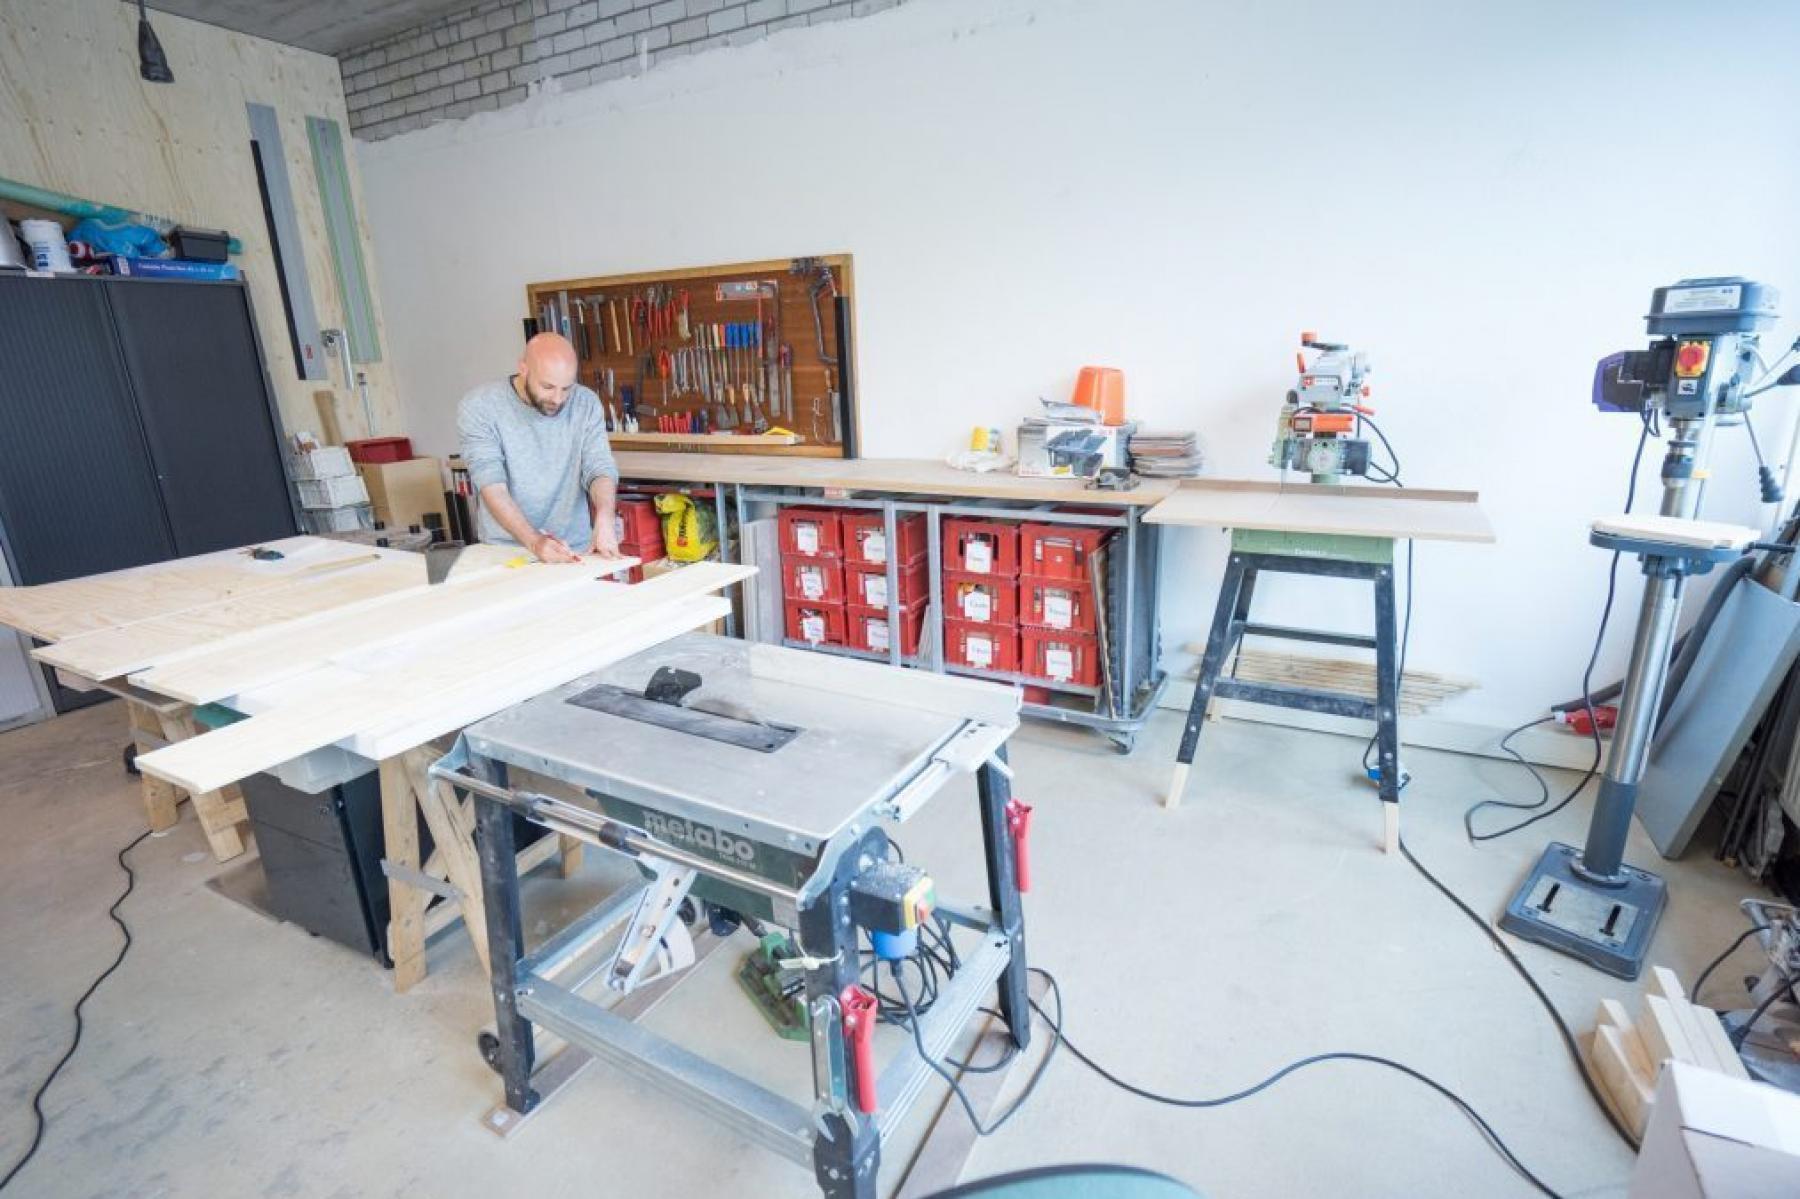 Gemütlicher Arbeitsraum mit viel Platz für Maschinen und Material